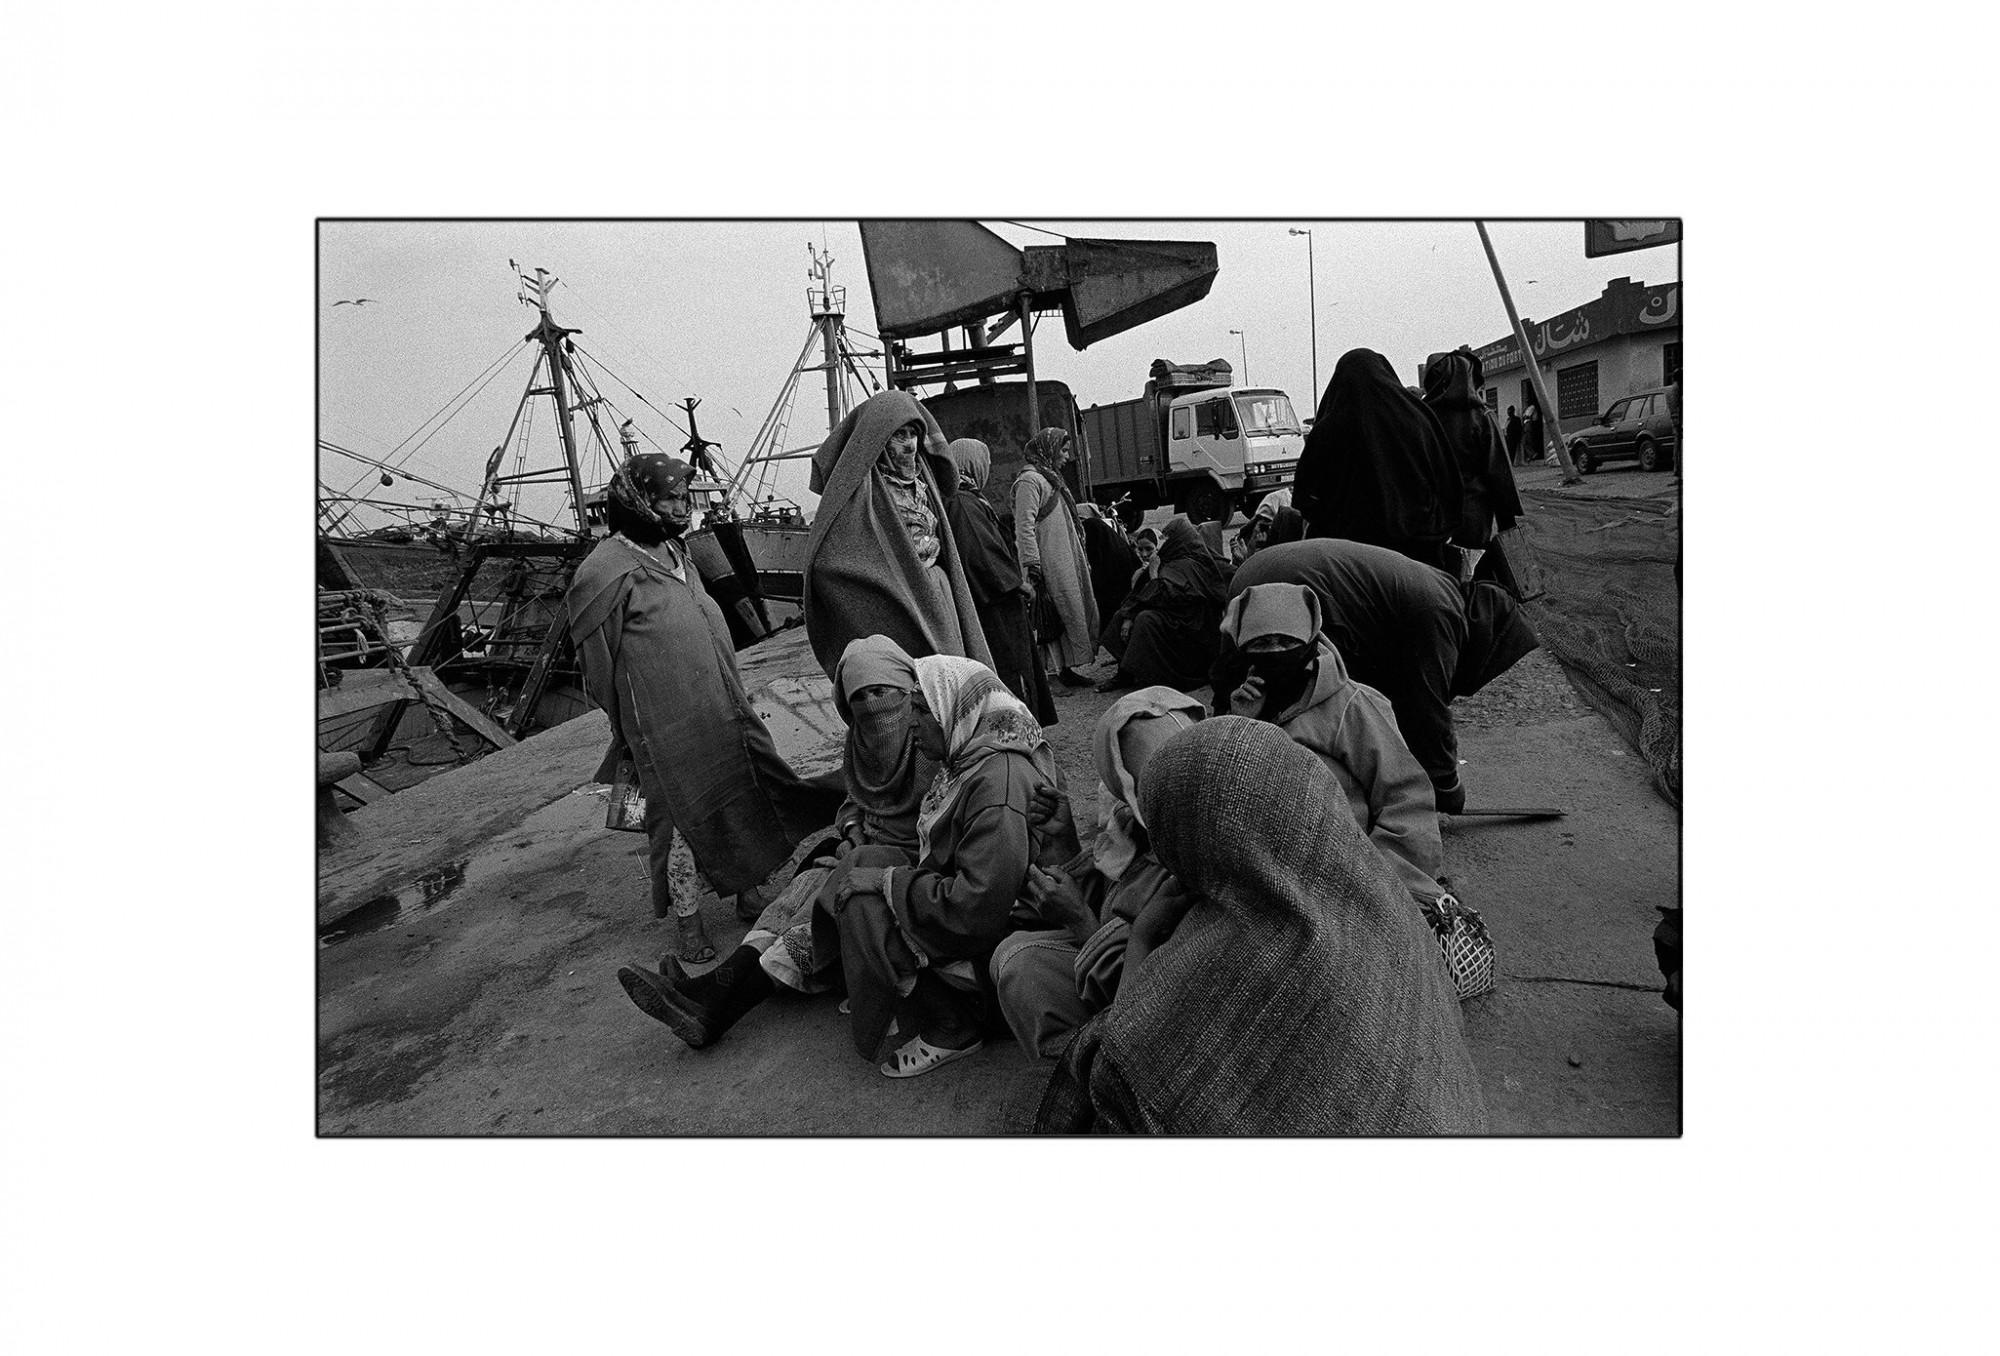 Afbeelding: Fotografie - Art, uit de reeks : De kleur van zwart. Marokko, 92-31-22,© Dominique Van Huffel.